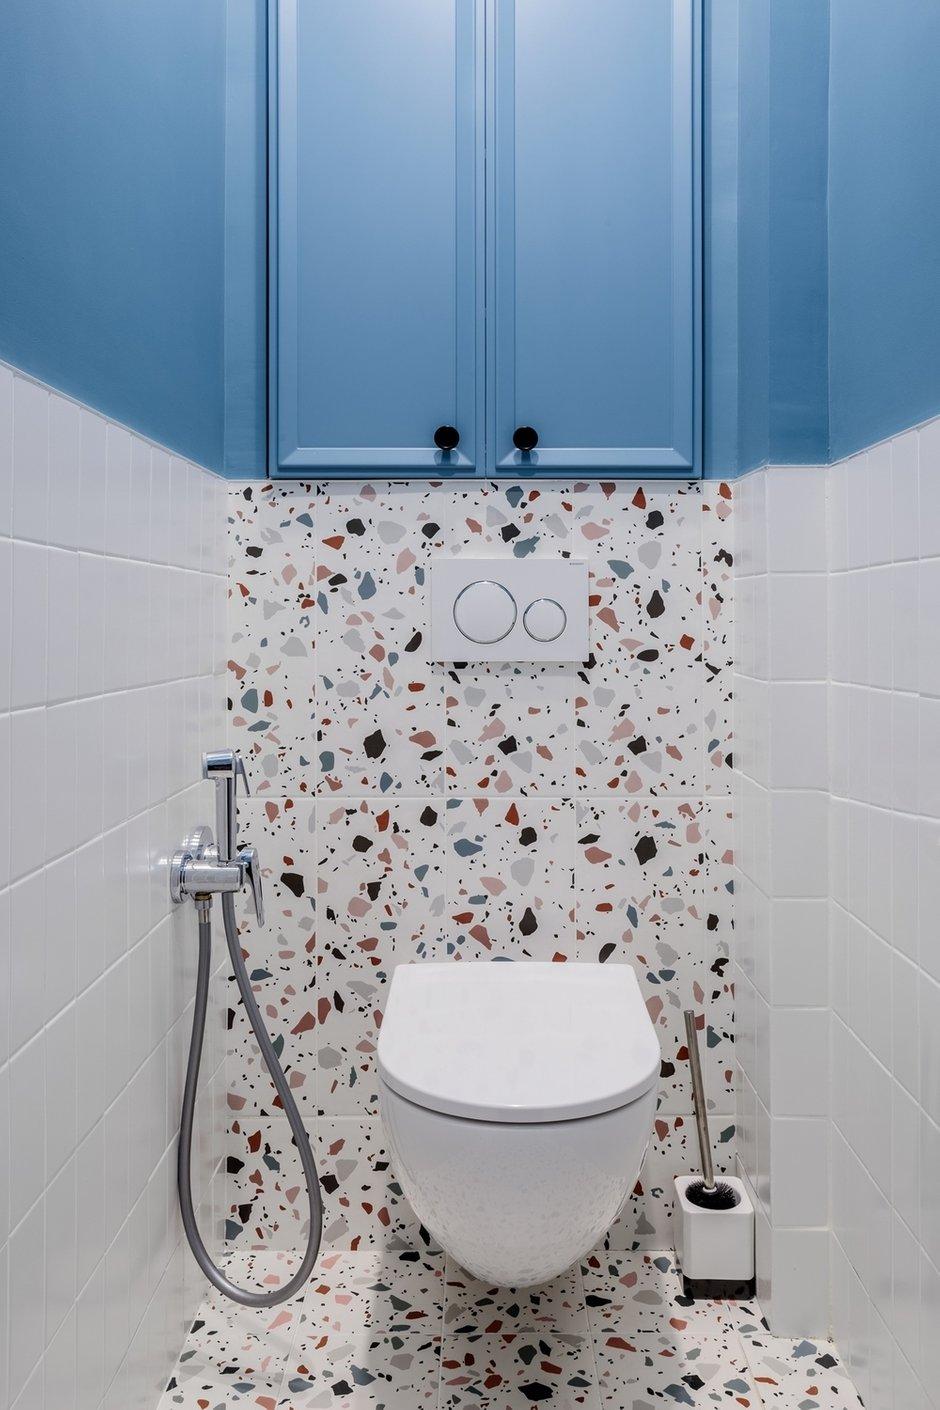 Фотография: Ванная в стиле Современный, Эклектика, Квартира, Проект недели, Москва, 3 комнаты, 60-90 метров, Валерия Шиманская – фото на INMYROOM